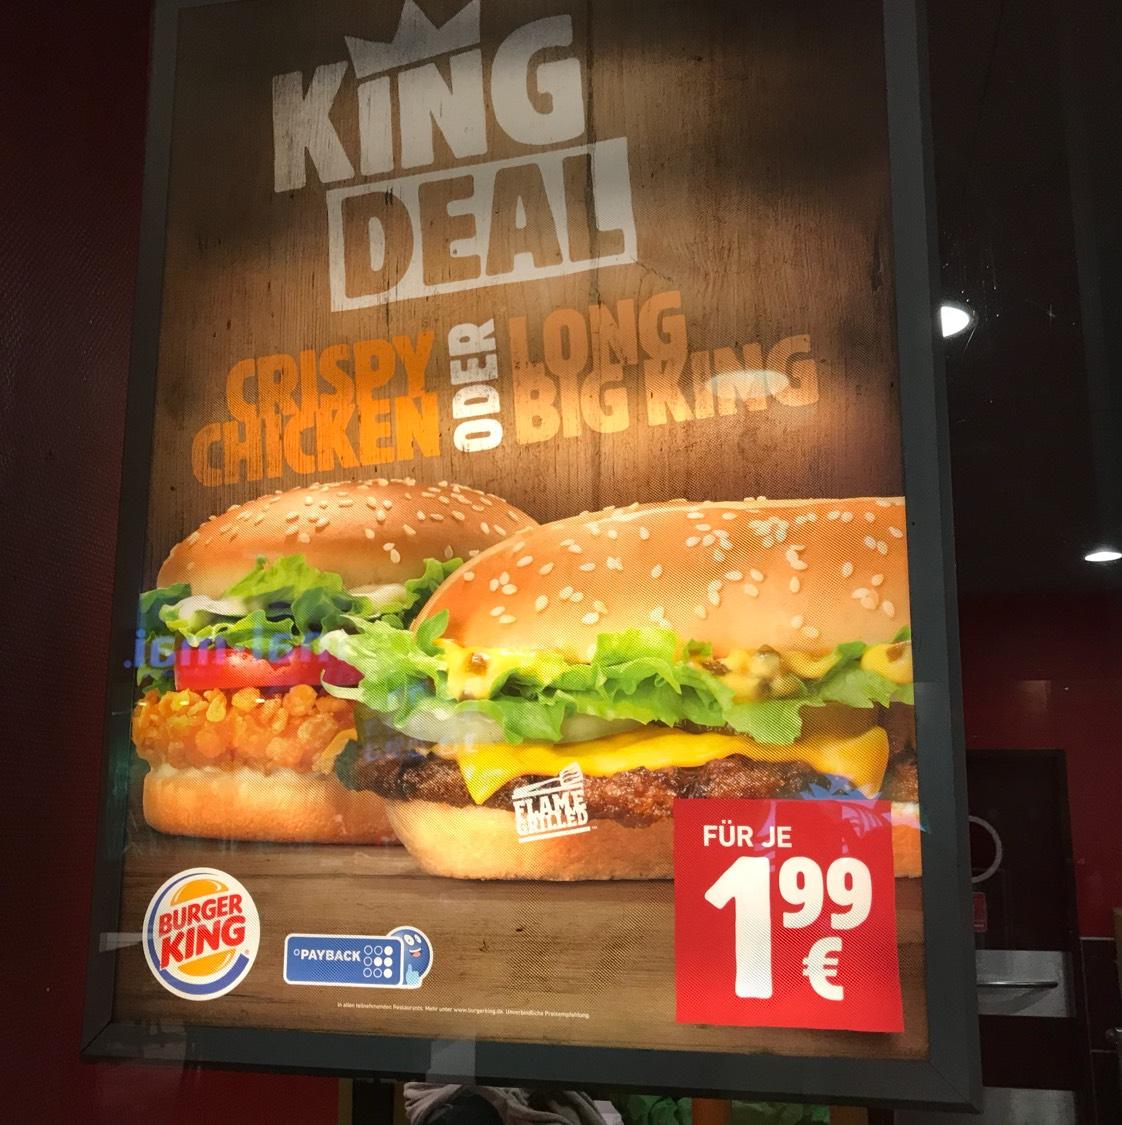 Long Big King wieder für 1,99 Euro bei BK (kein Code notwendig)